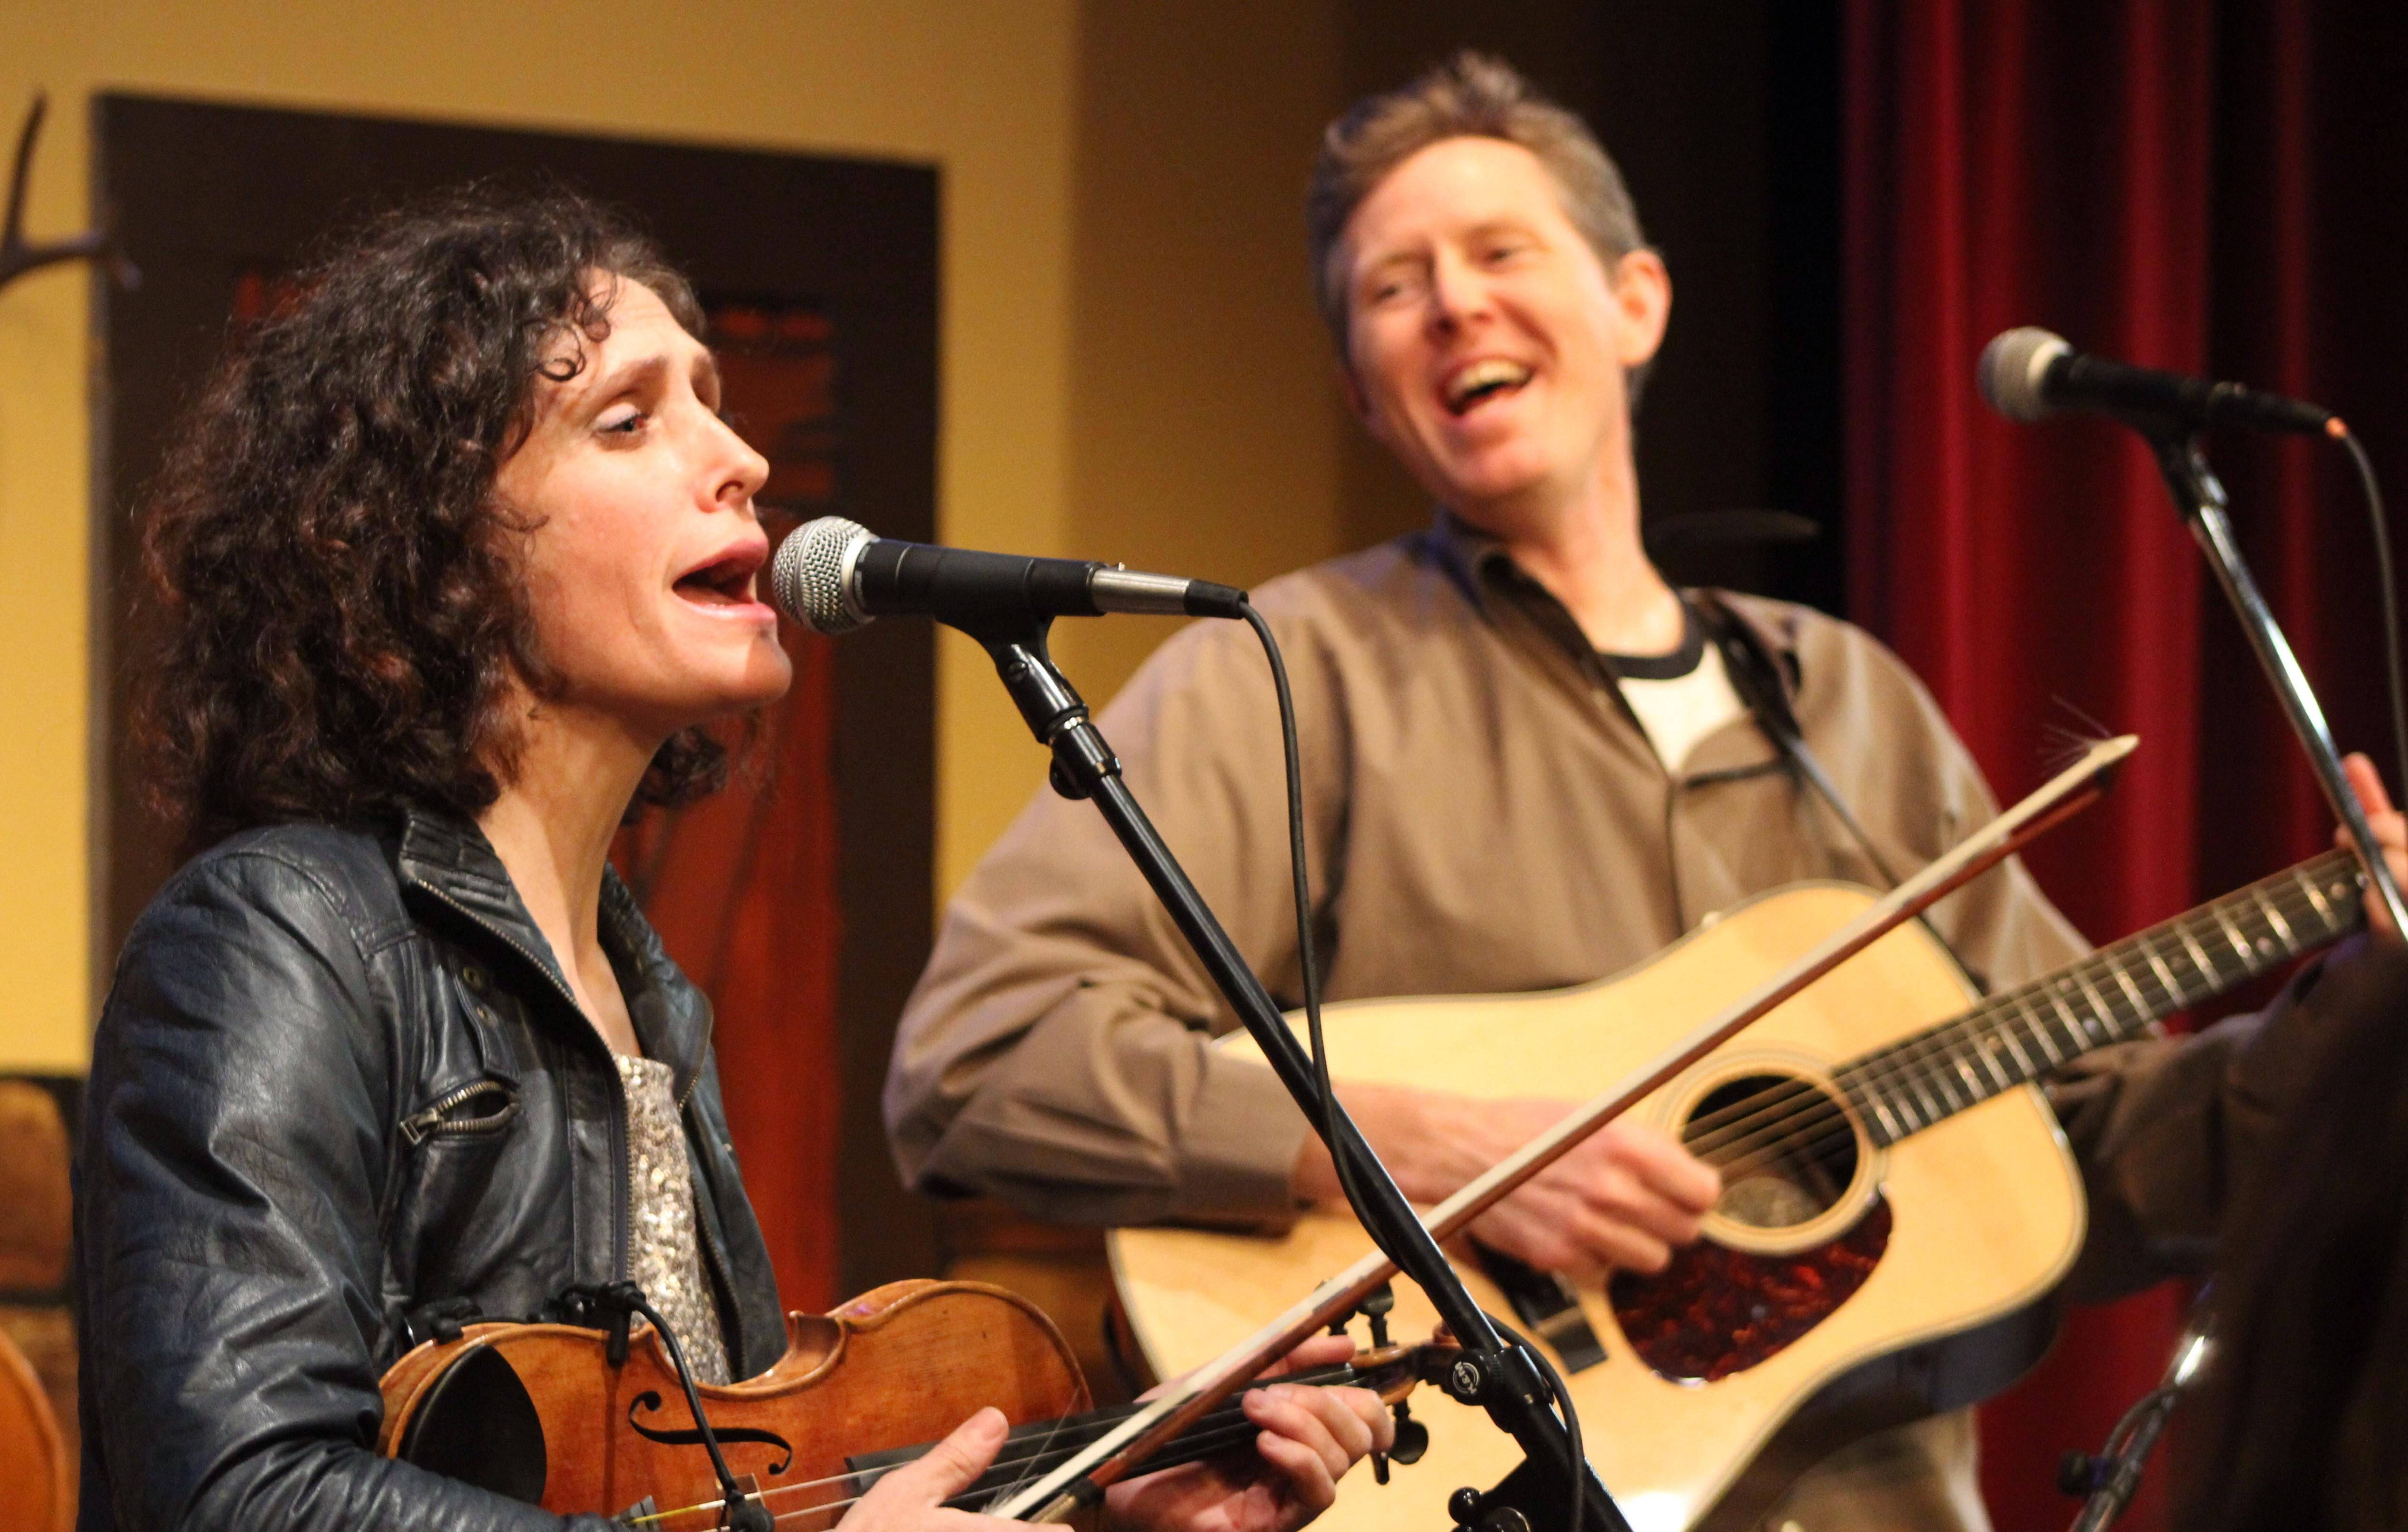 Scheinman and Robbie Fulks share the stage. - BOB DORAN